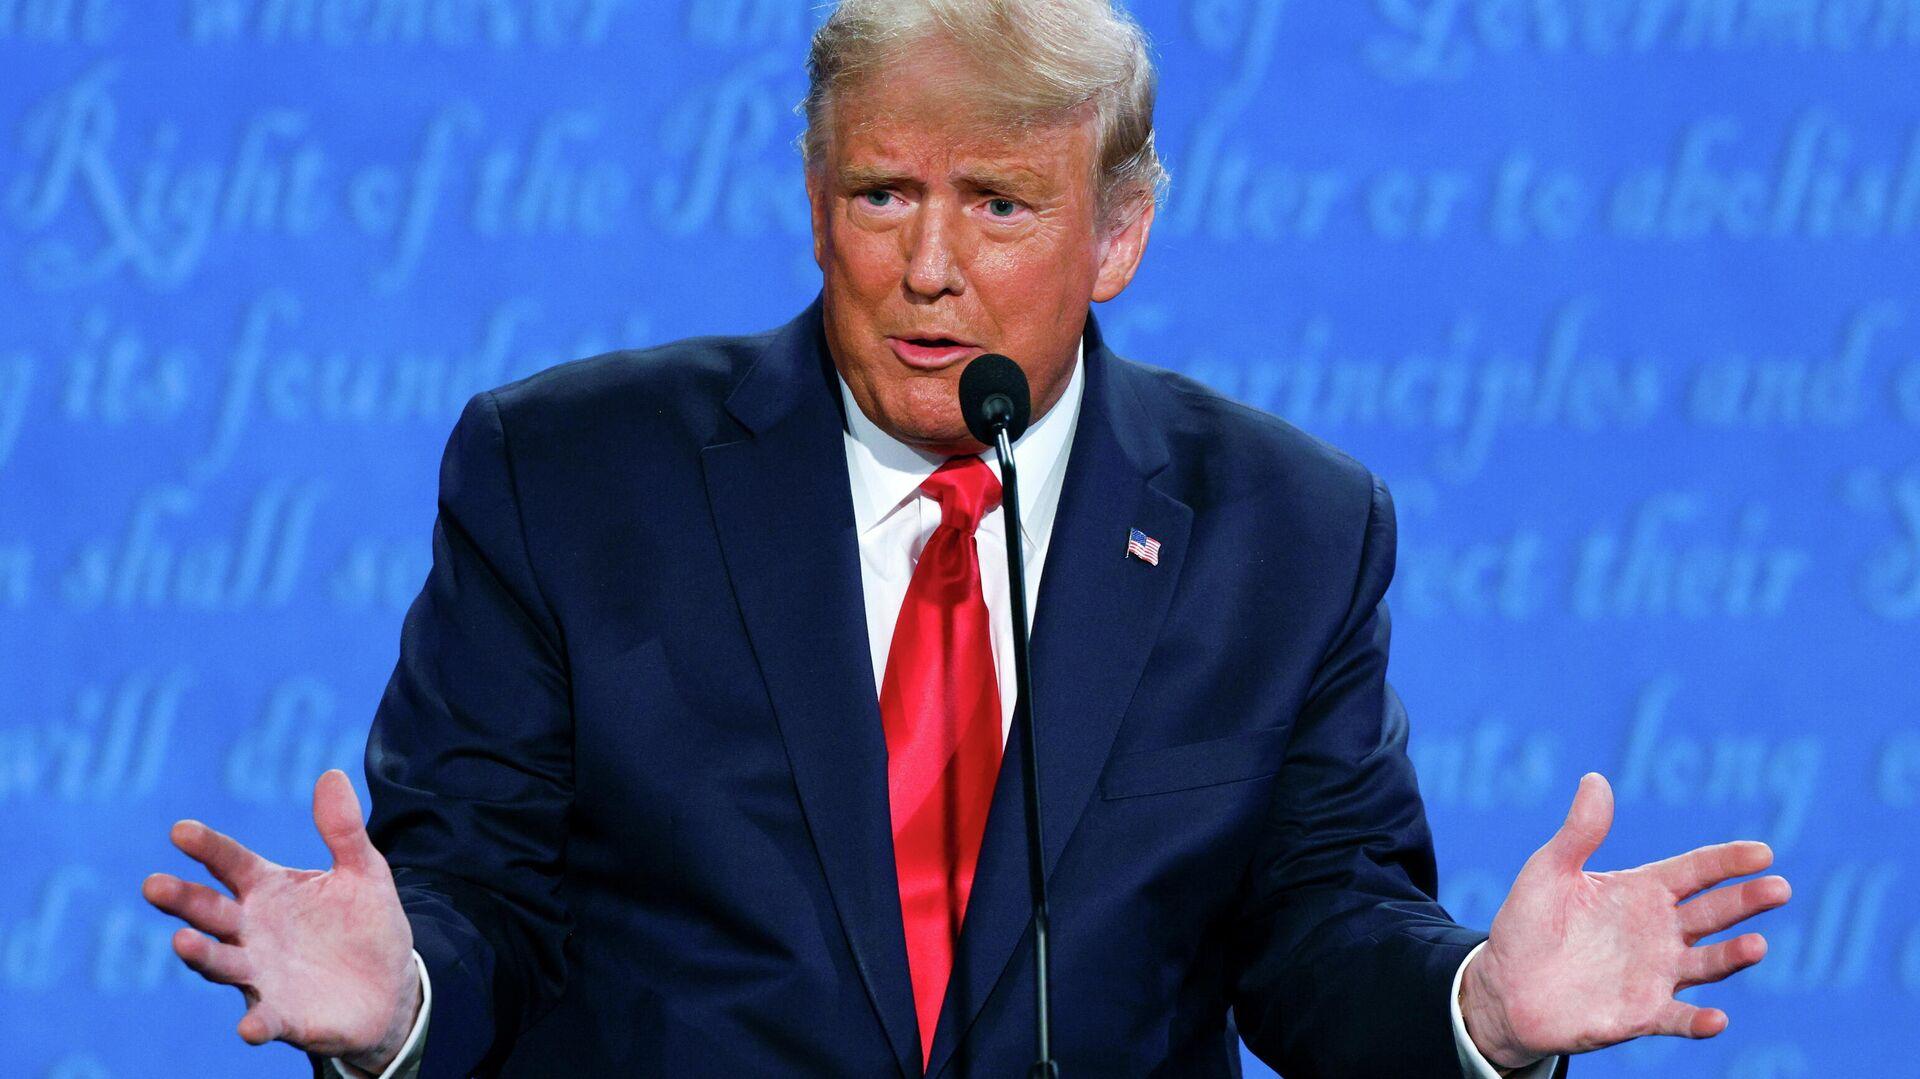 Президент США Дональд Трамп во время финальных дебатов с кандидатом от Демократической партии Джо Байденом в Нэшвилле - РИА Новости, 1920, 23.10.2020